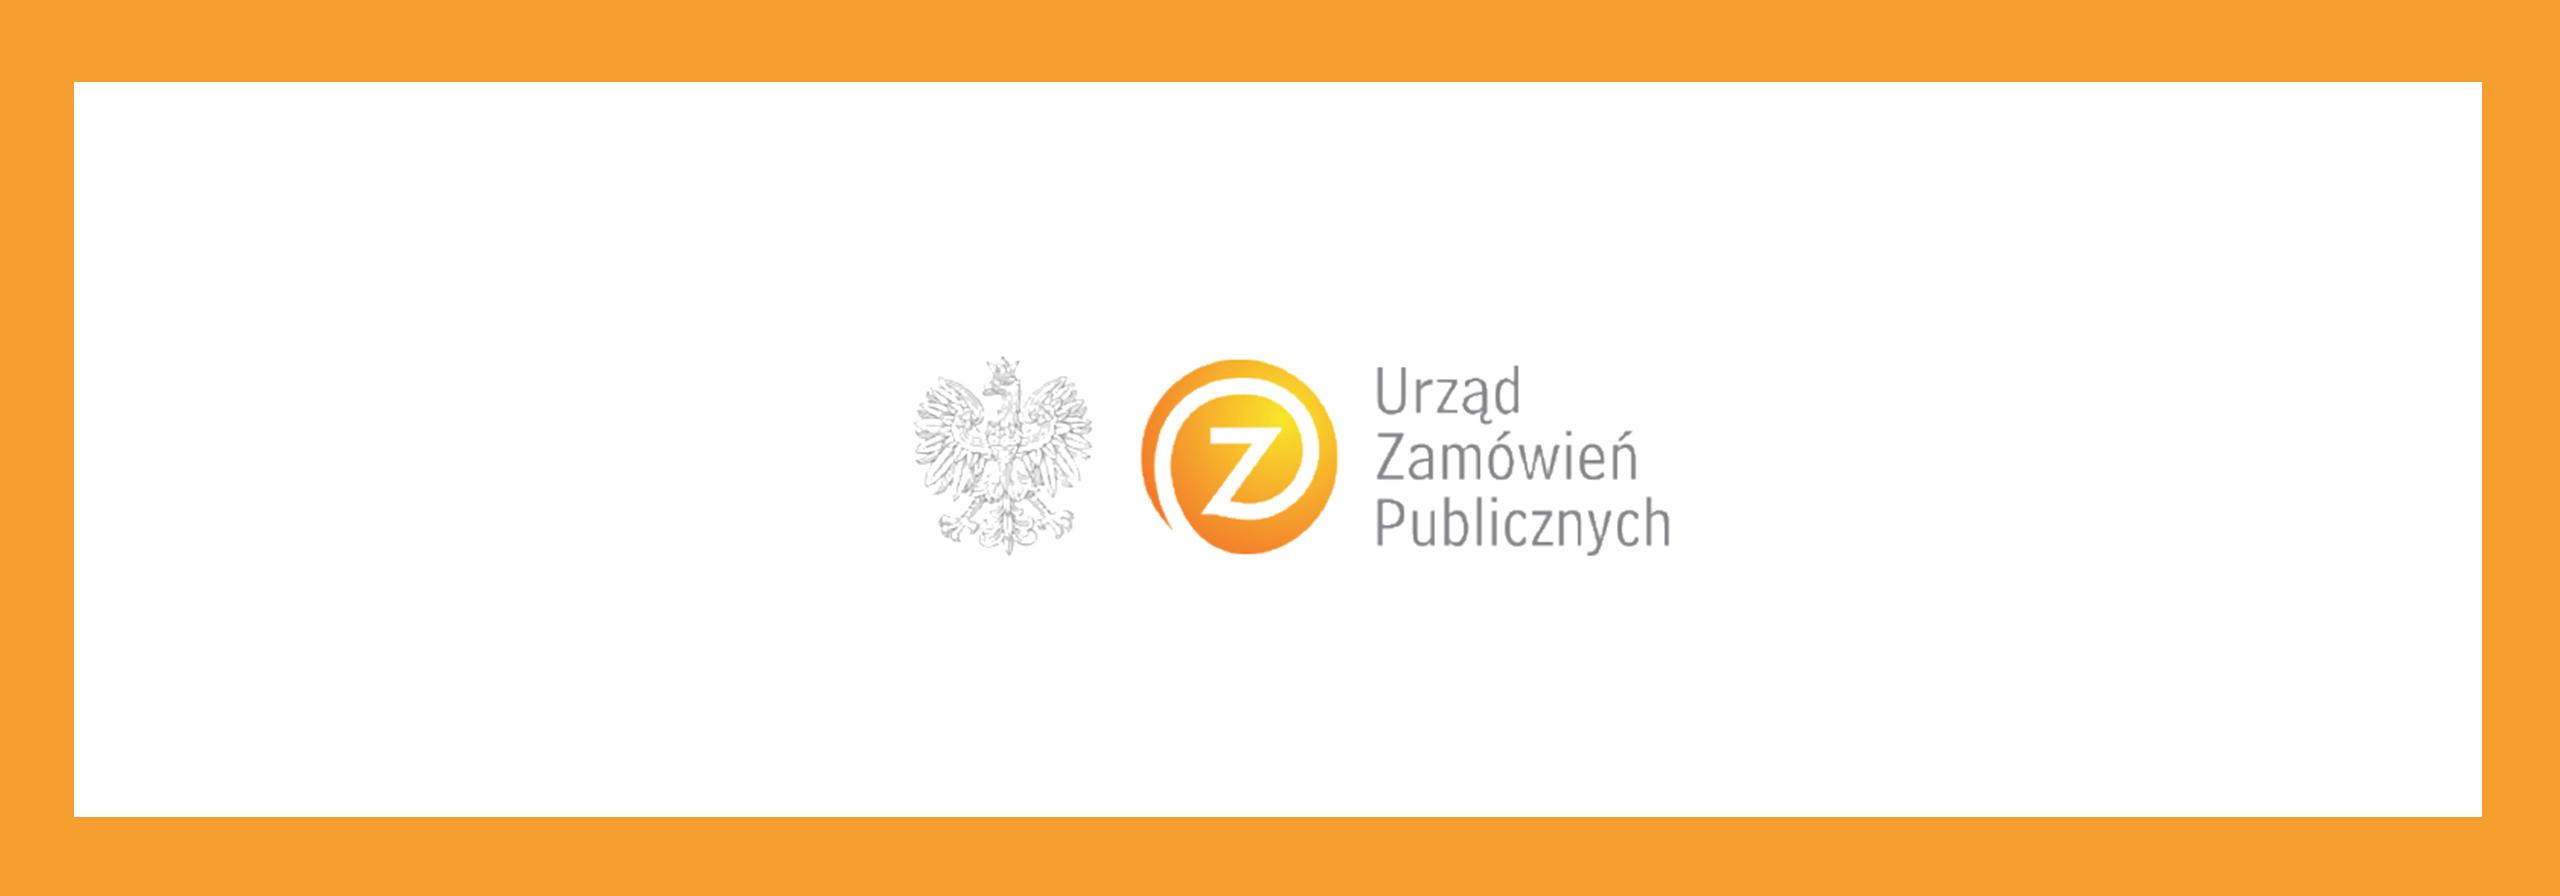 Polska Chmura dla Urzędu Zamówień Publicznych